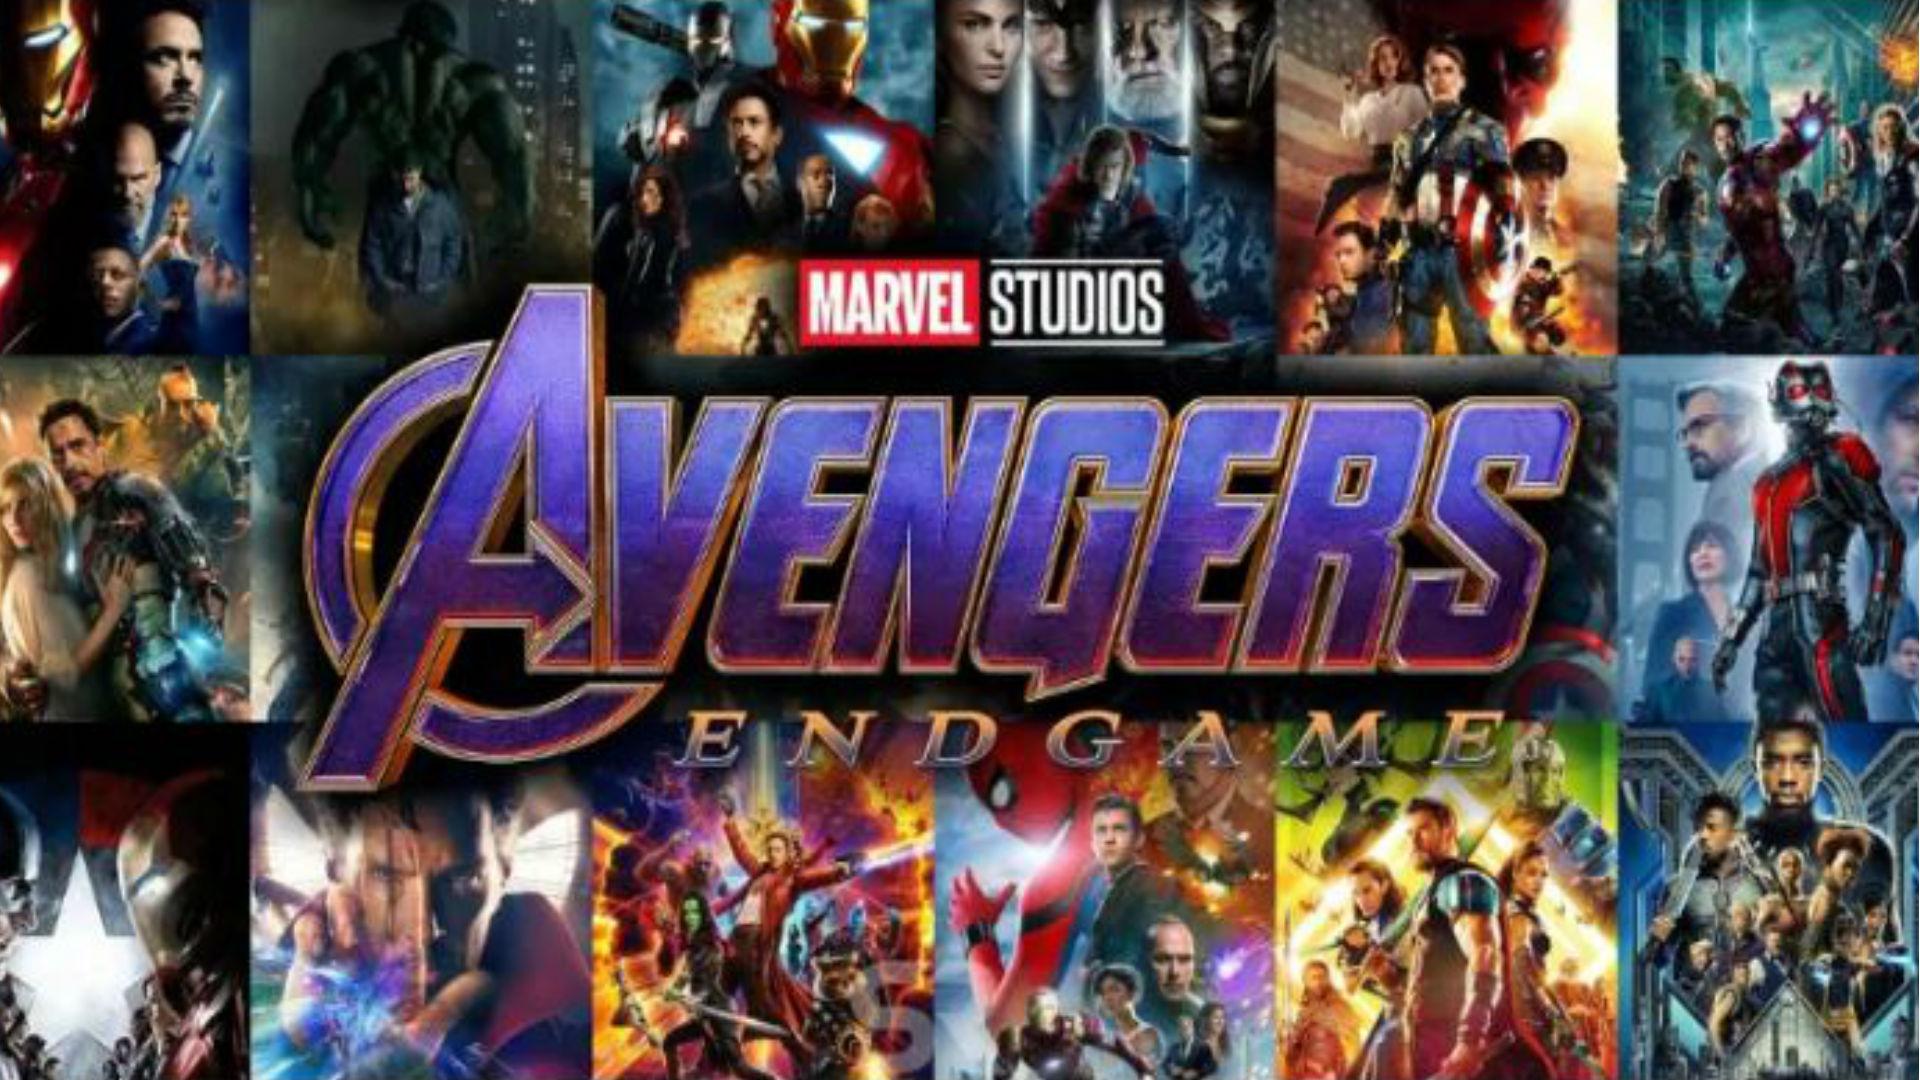 Avengers Endgame Box office collection: भारत में ये रिकॉर्ड बनाने वाली पहली फिल्म बनी एवेंजर्स एंडगेम